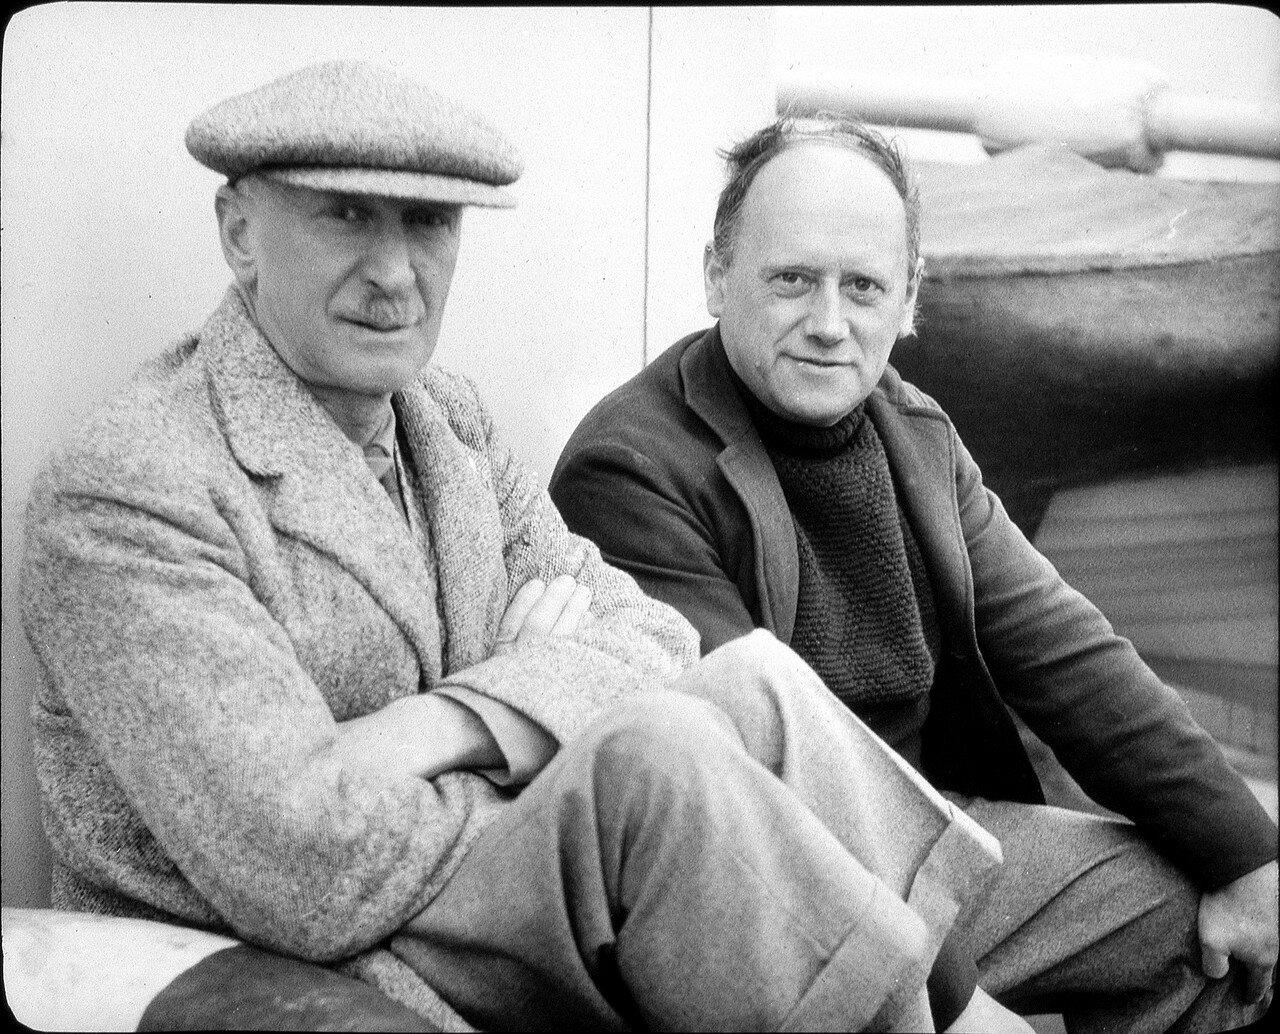 1937. Профессор Джонс (Кембридж) и Гордон (Лондон)